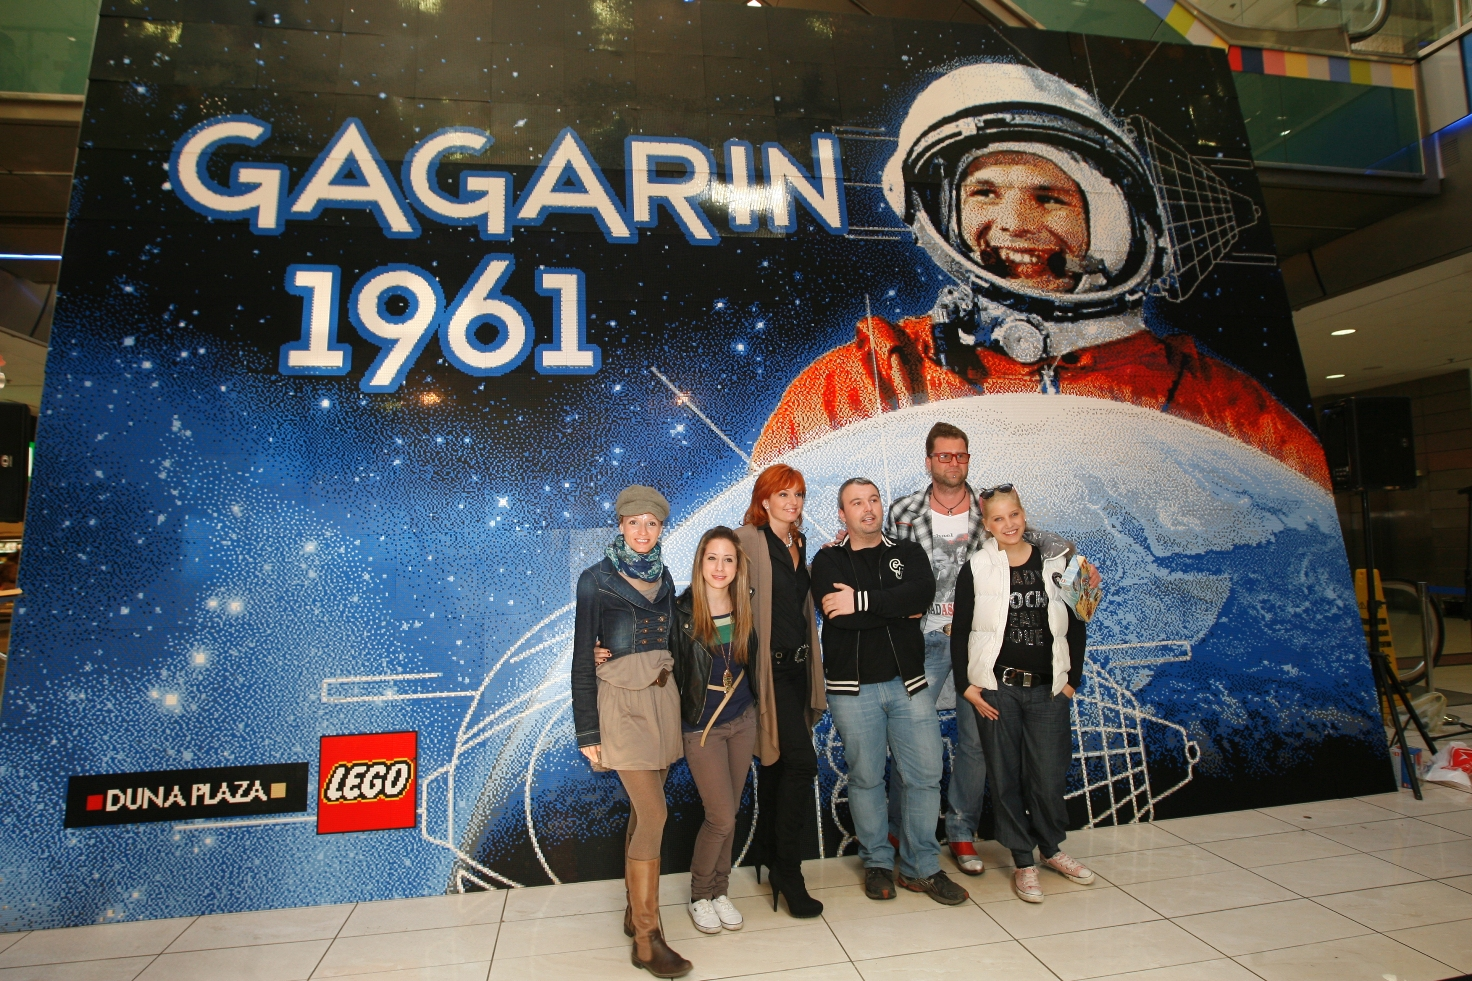 Gagarin 1961